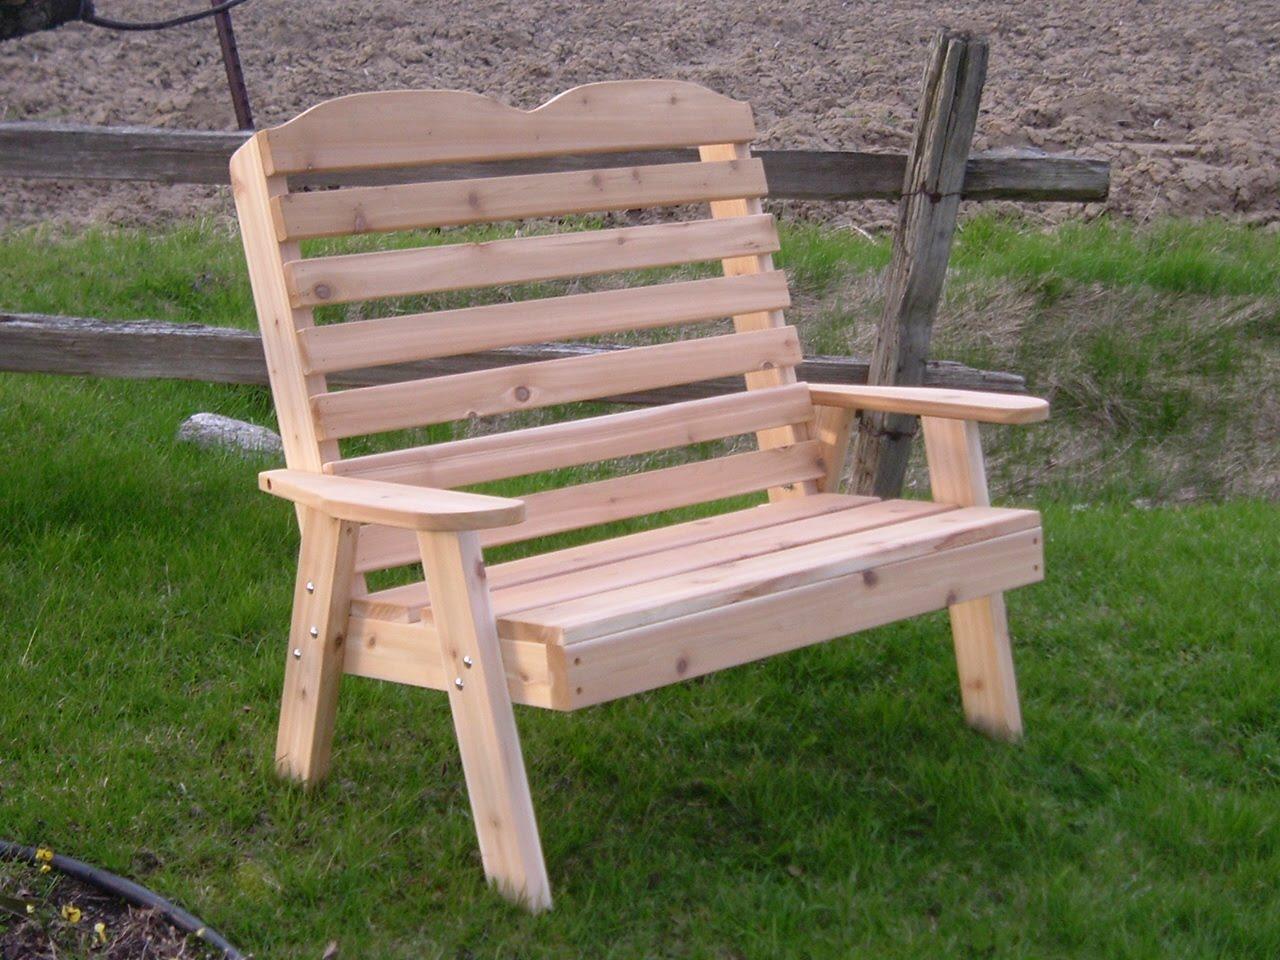 Un meuble qu b cois des meubles de jardins en c dre for Meuble quebecois